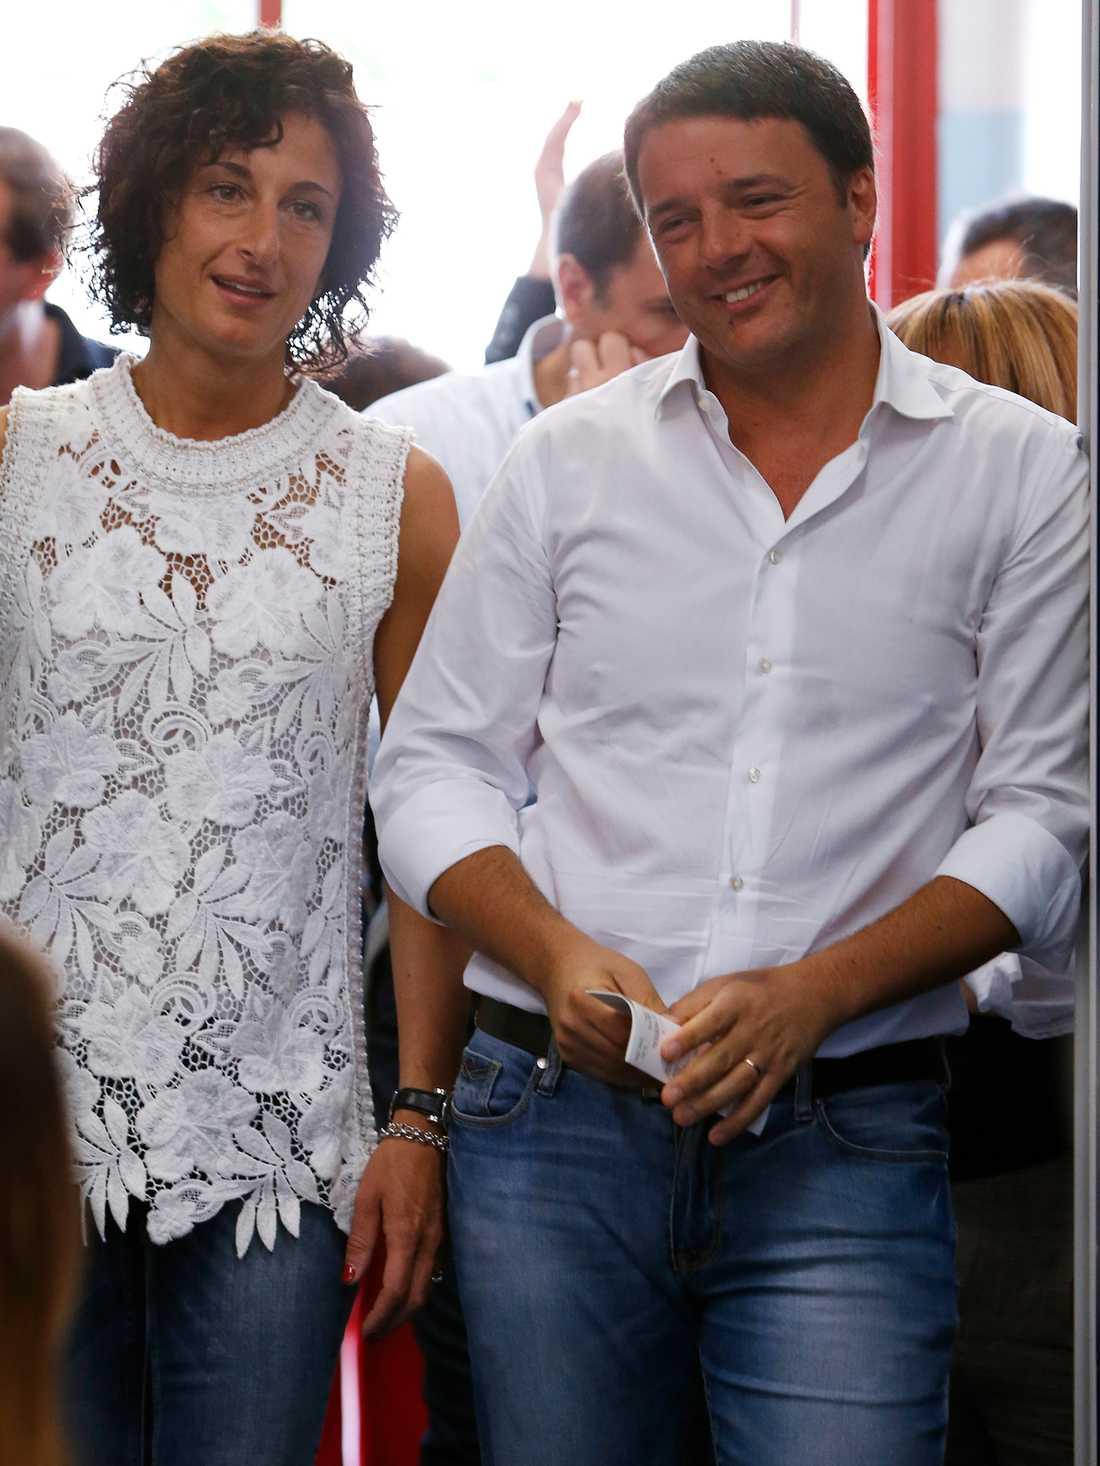 Italiens premiärminister Matteo Renzi och hans fru Agnese väntar på att få avlägga sina röster.